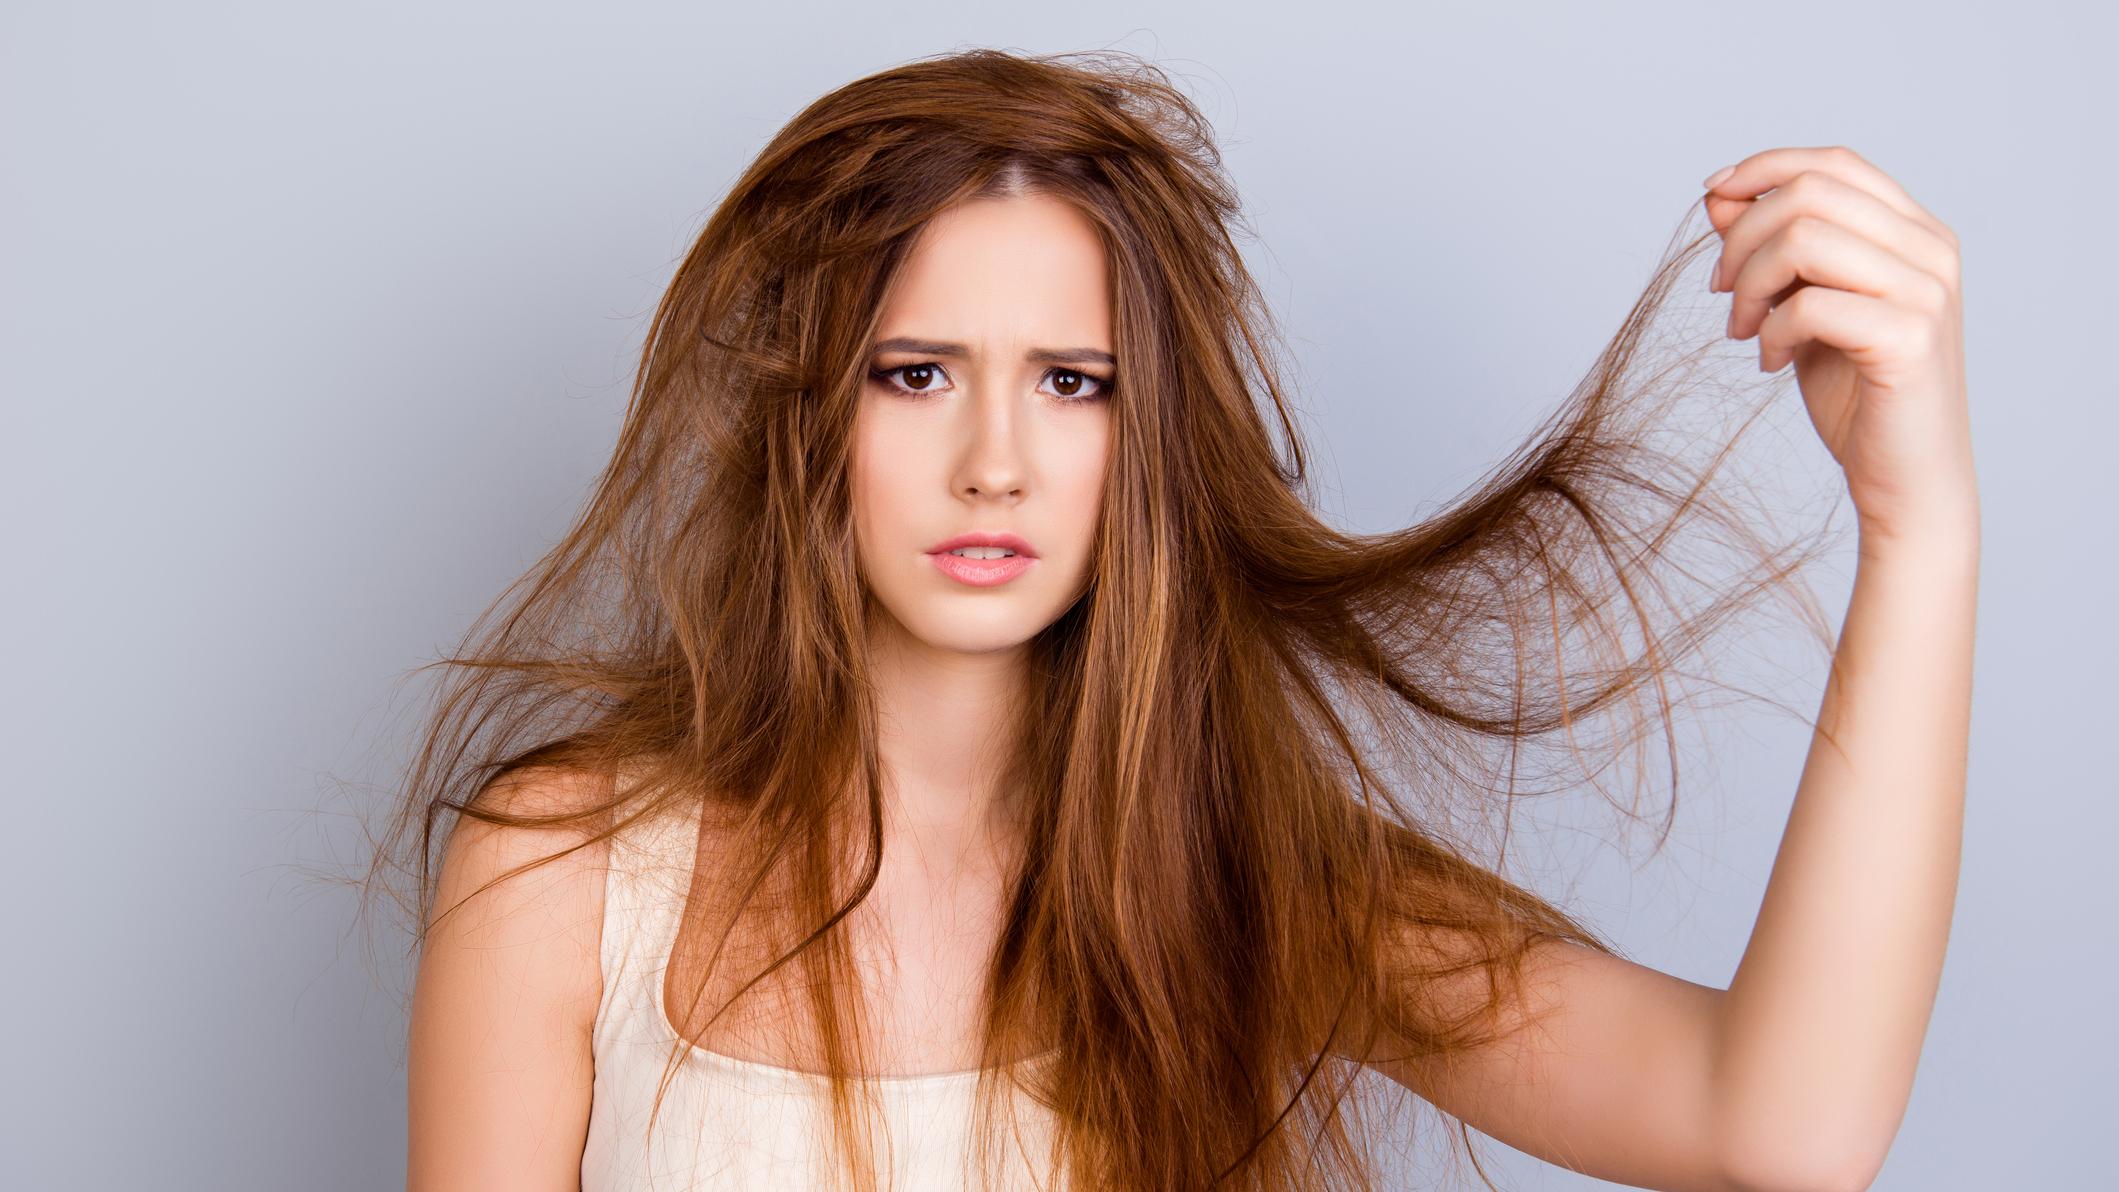 Das sind die besten Friseur-Alternativen